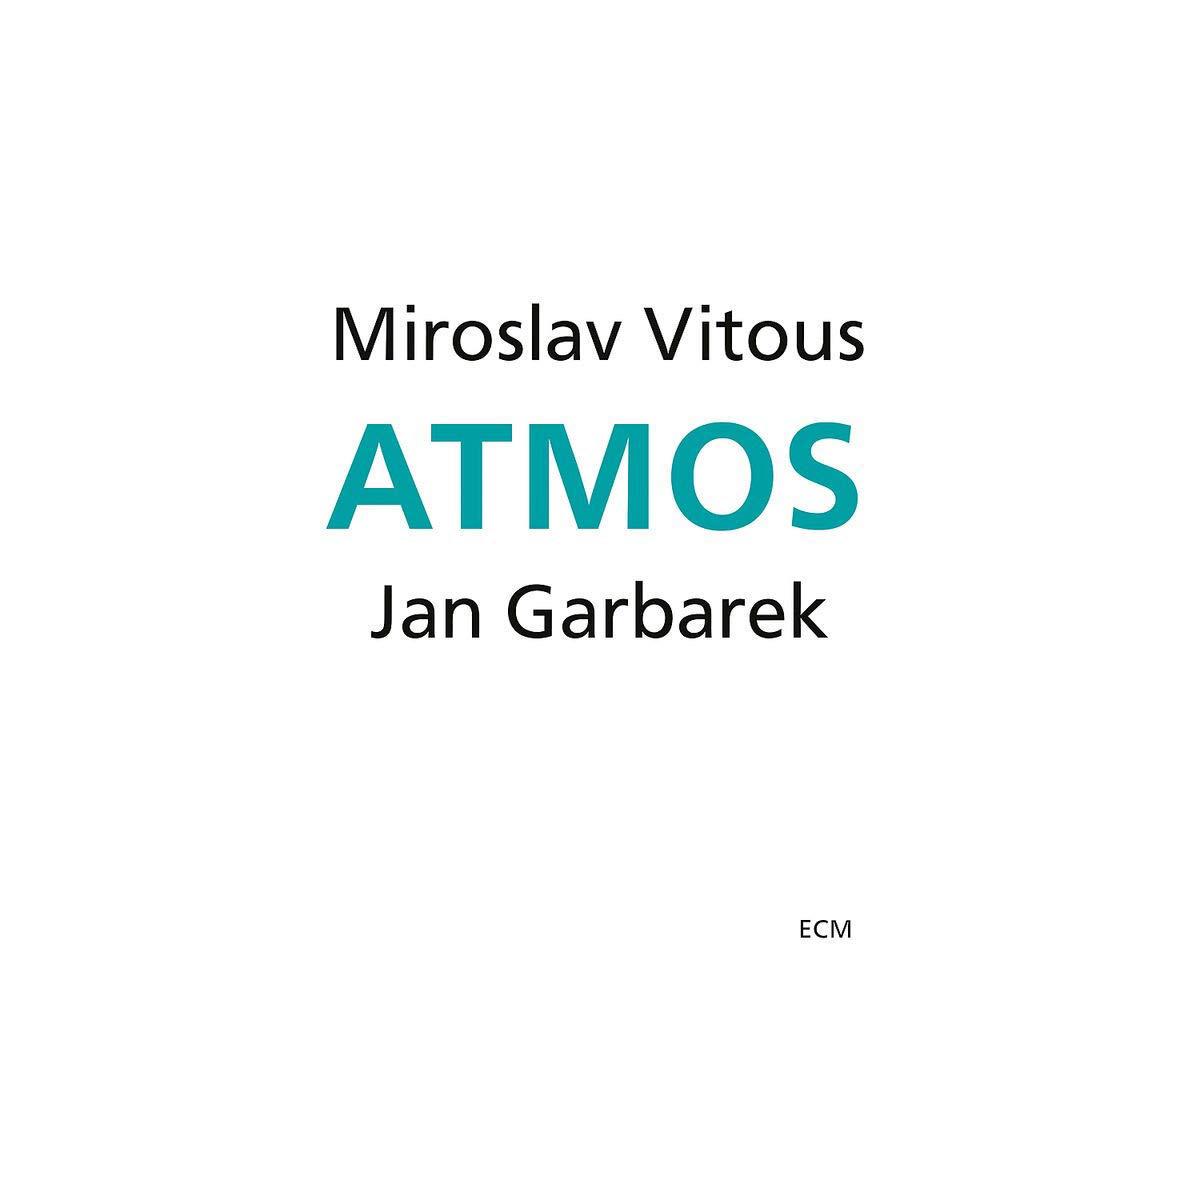 Мирослав Витоус,Ян Гарбарек Miroslav Vitous, Jan Garbarek. Atmos мирослав дочинець світован